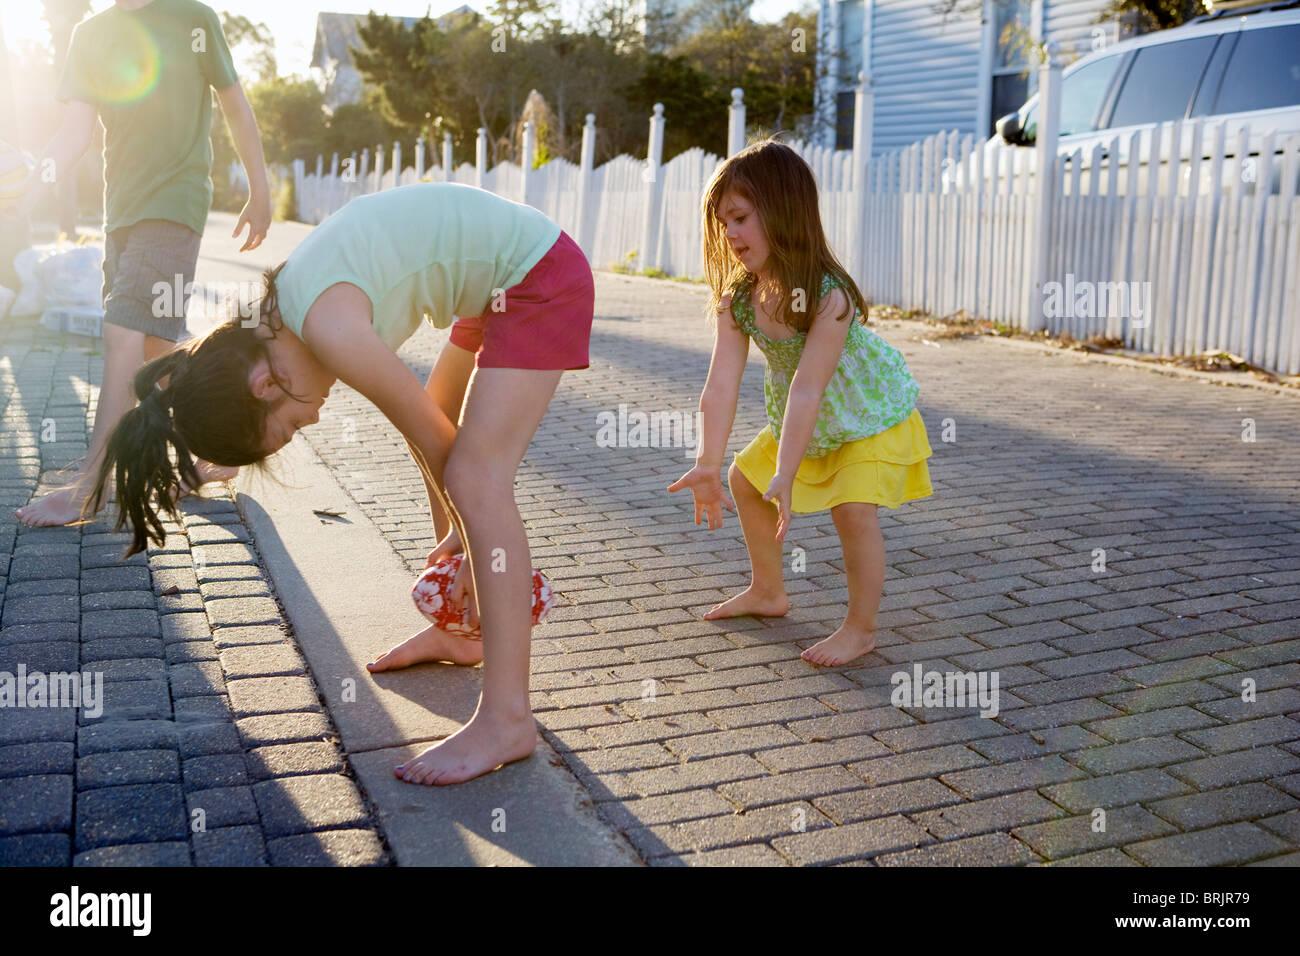 Zwei kleine Mädchen spielen Fußball in einer Gasse mit der Sonne im Hintergrund. Stockbild